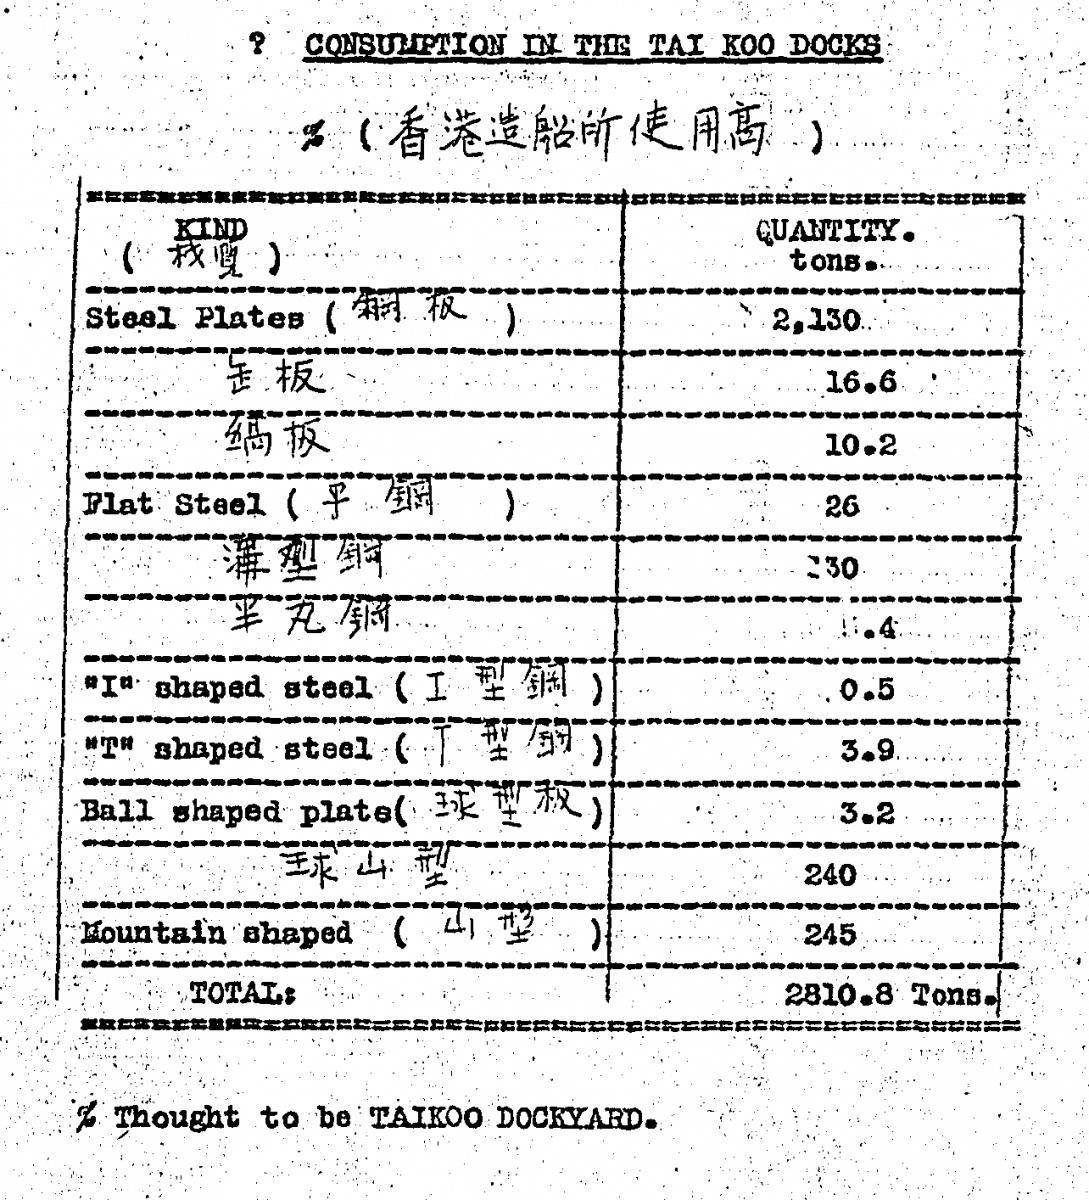 Tai Koo Docks- Steel Plate Consumption